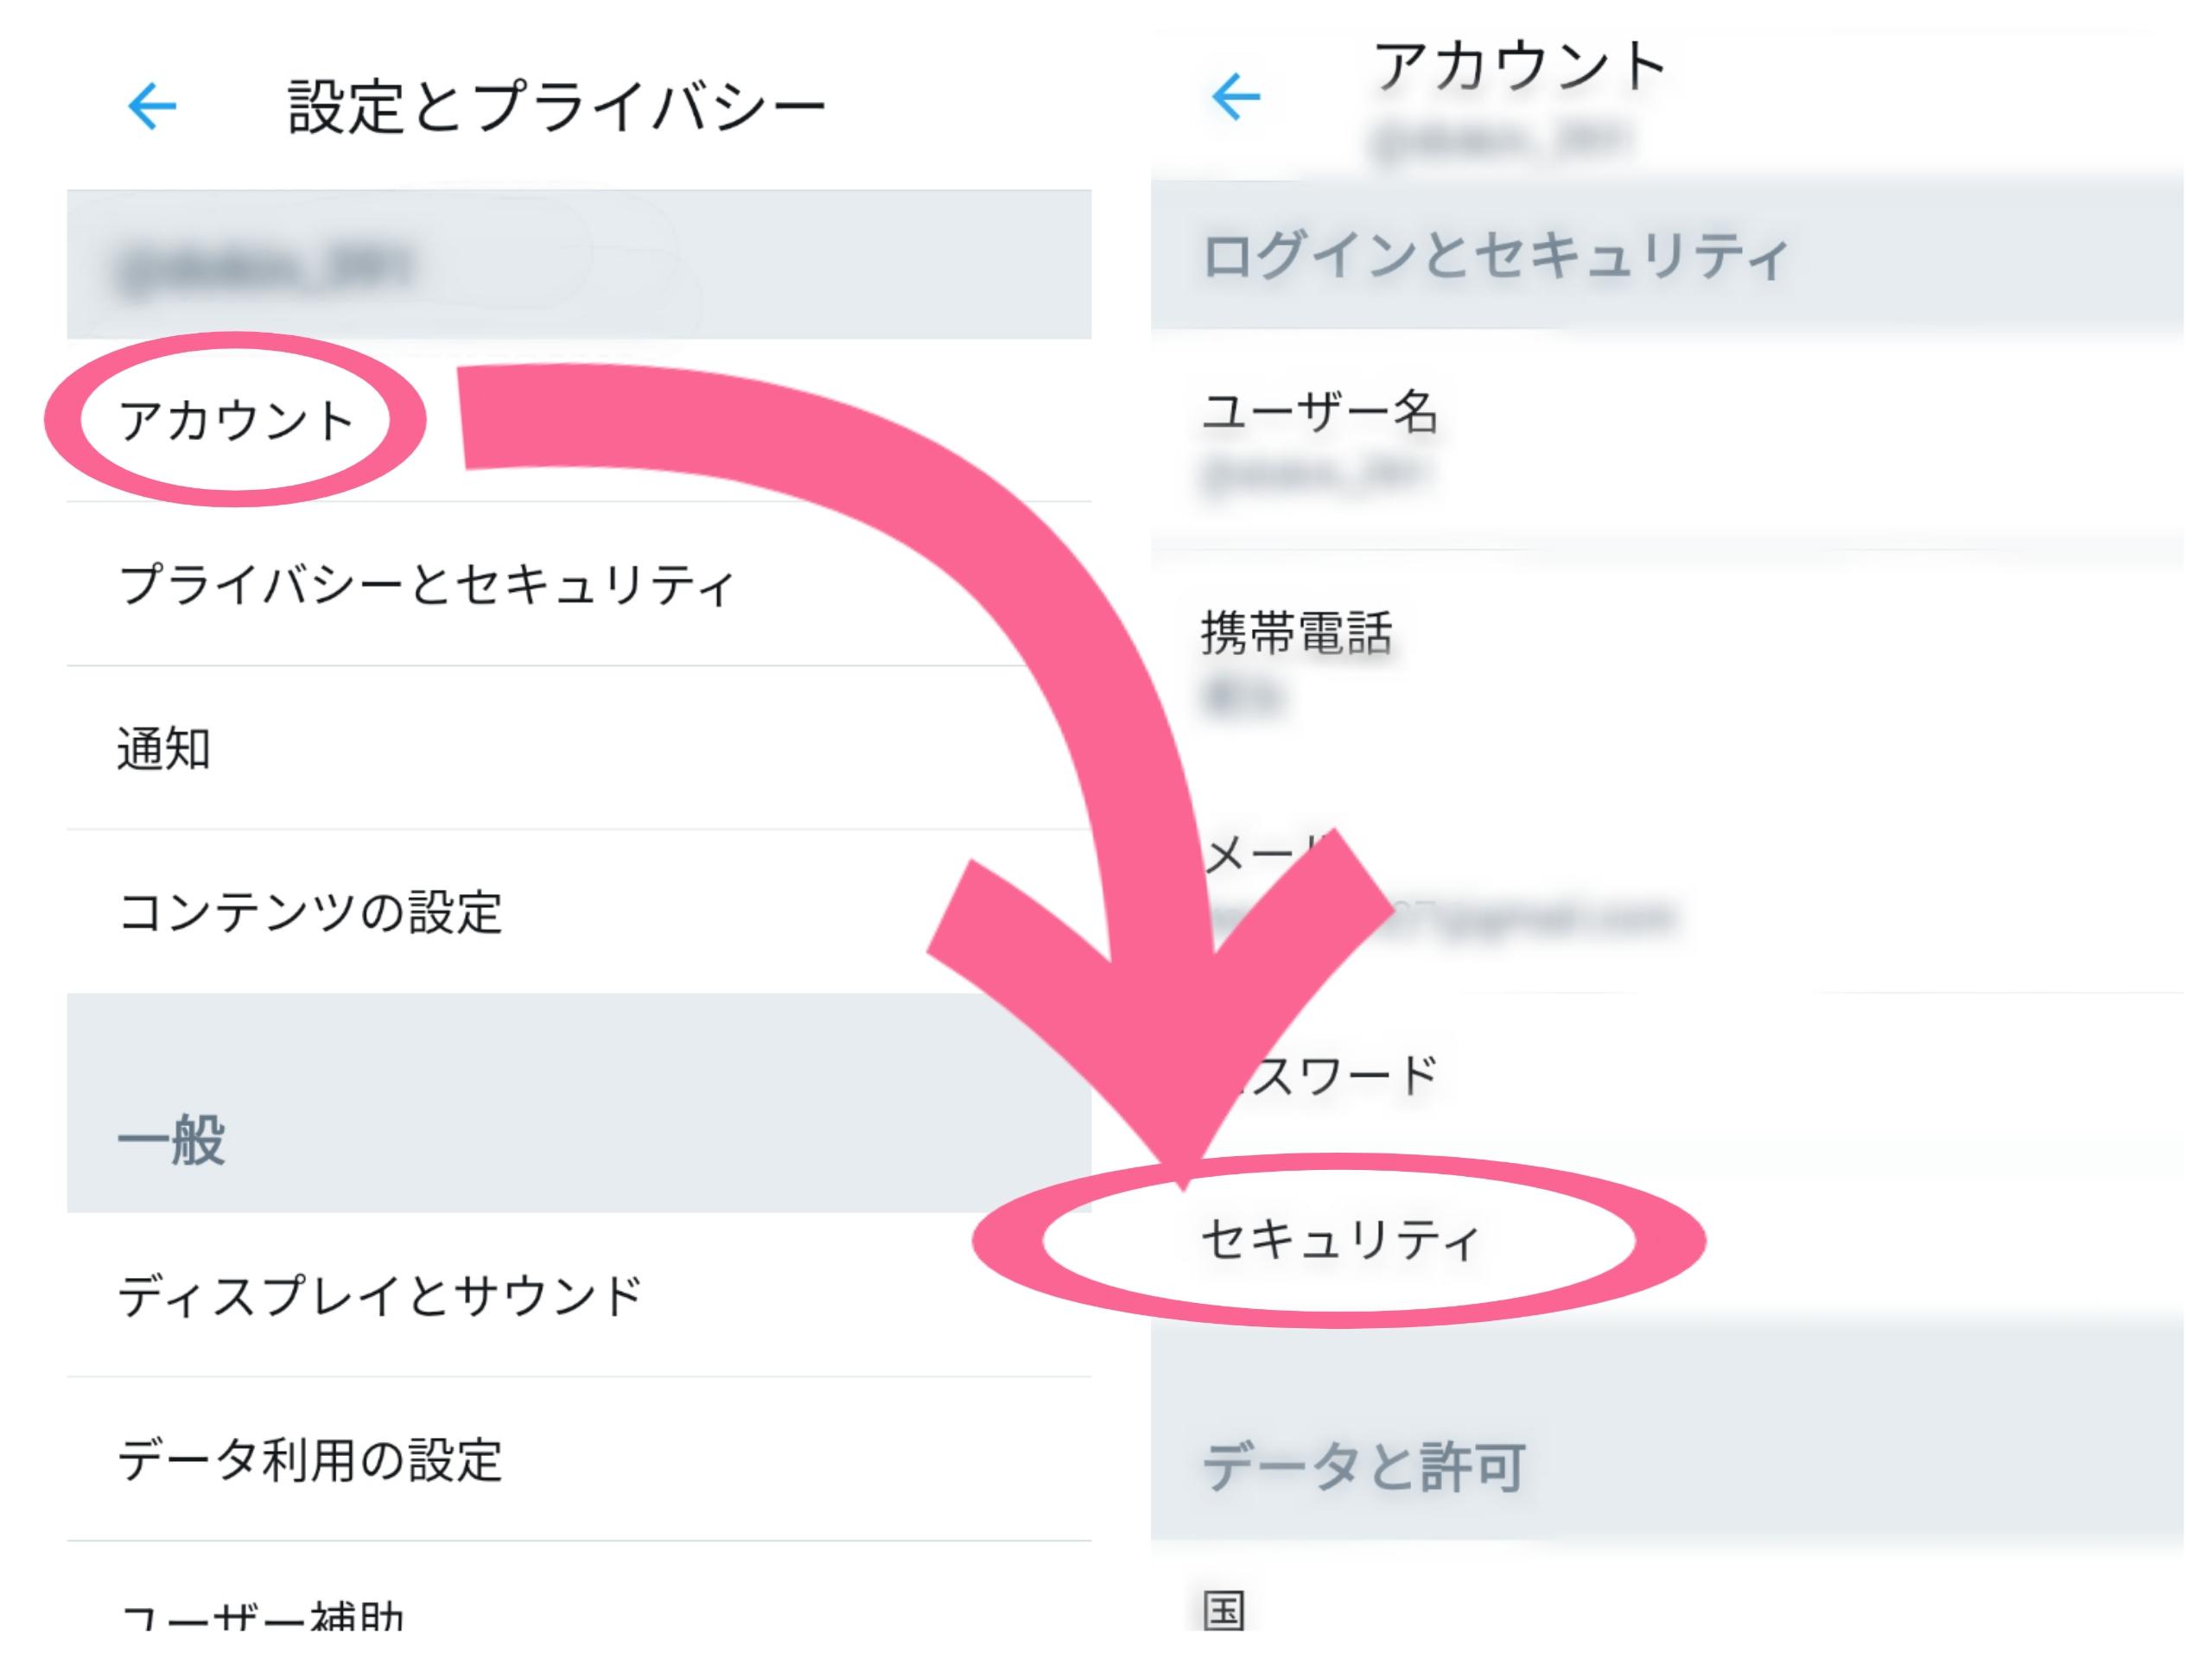 Twitter 設定 アカウント セキュリティ タップ